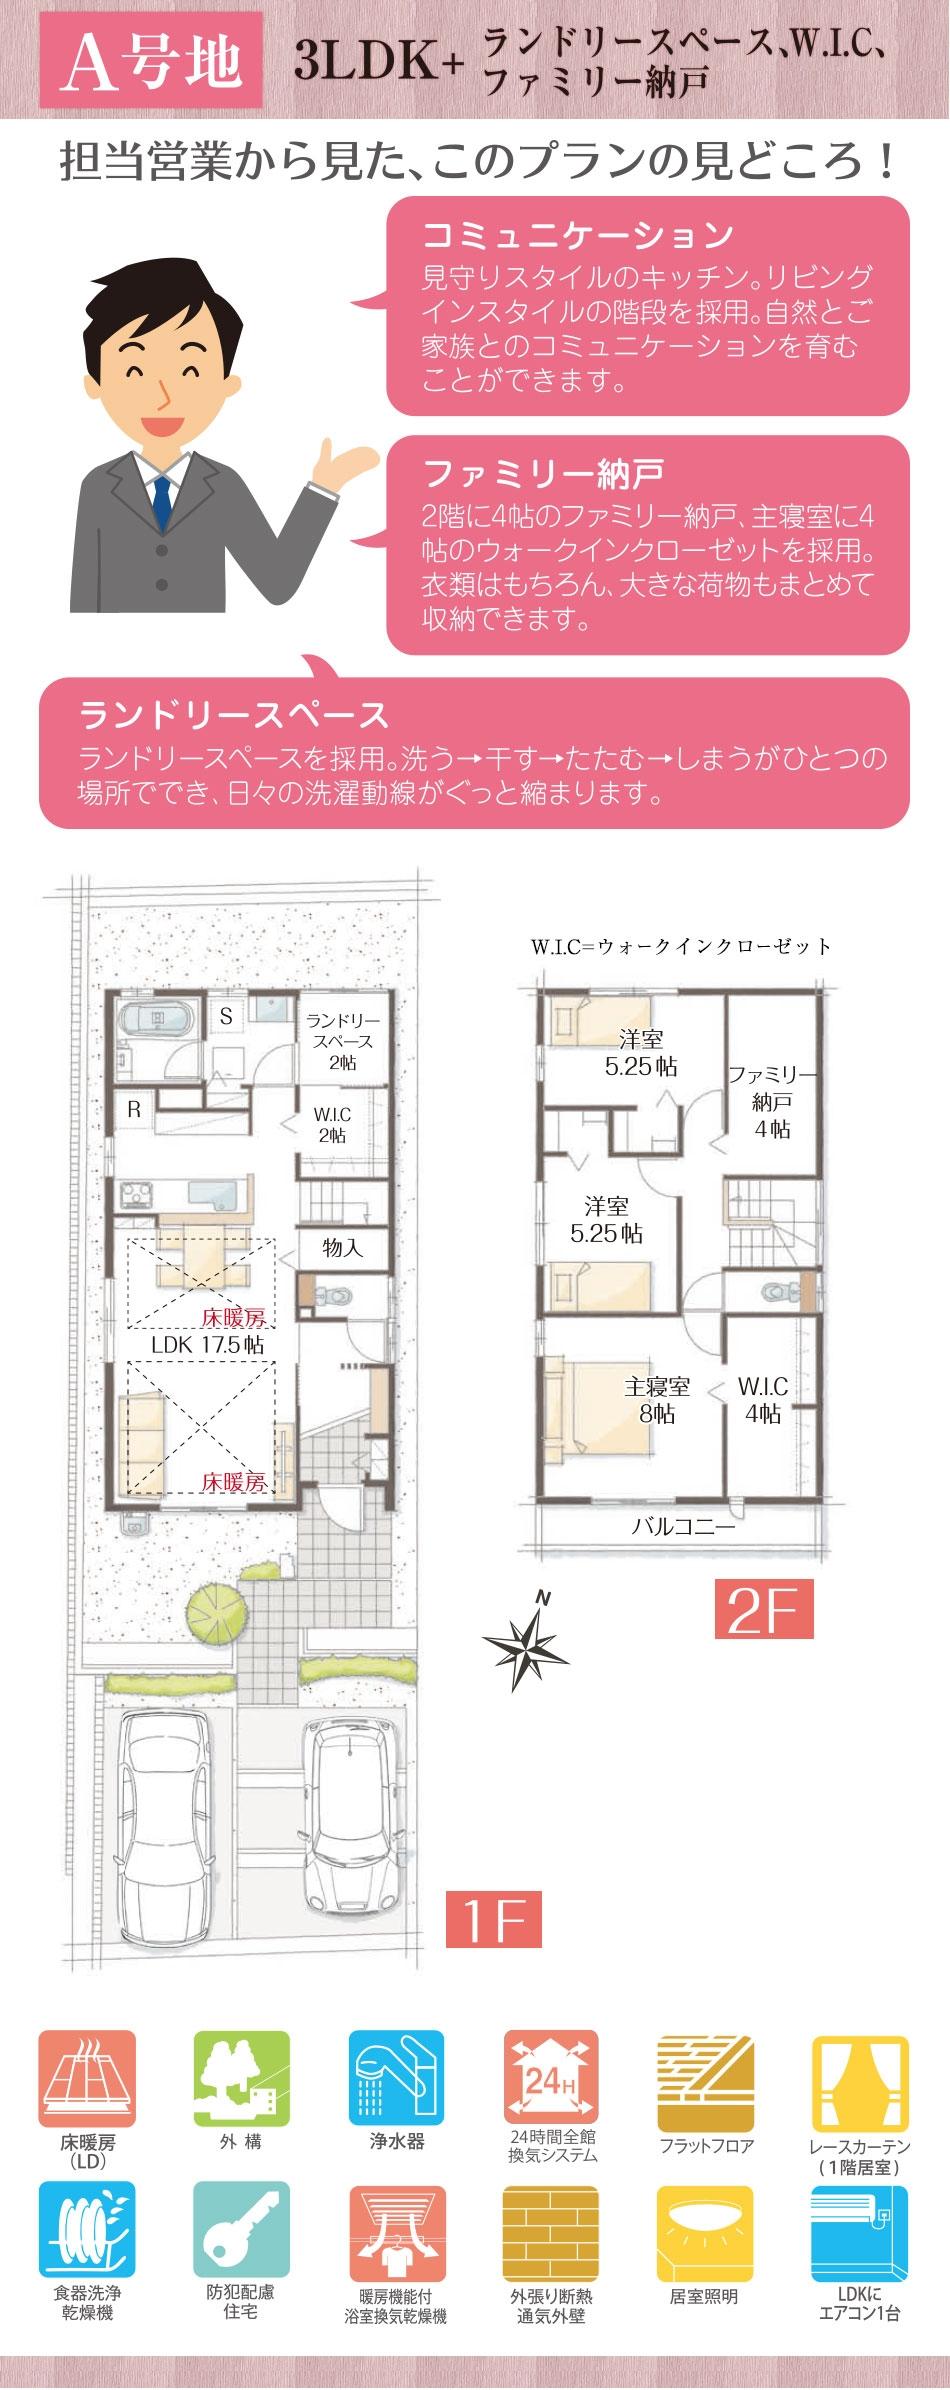 【ダイワハウス】セキュレア桔梗が丘III (分譲住宅)の画像